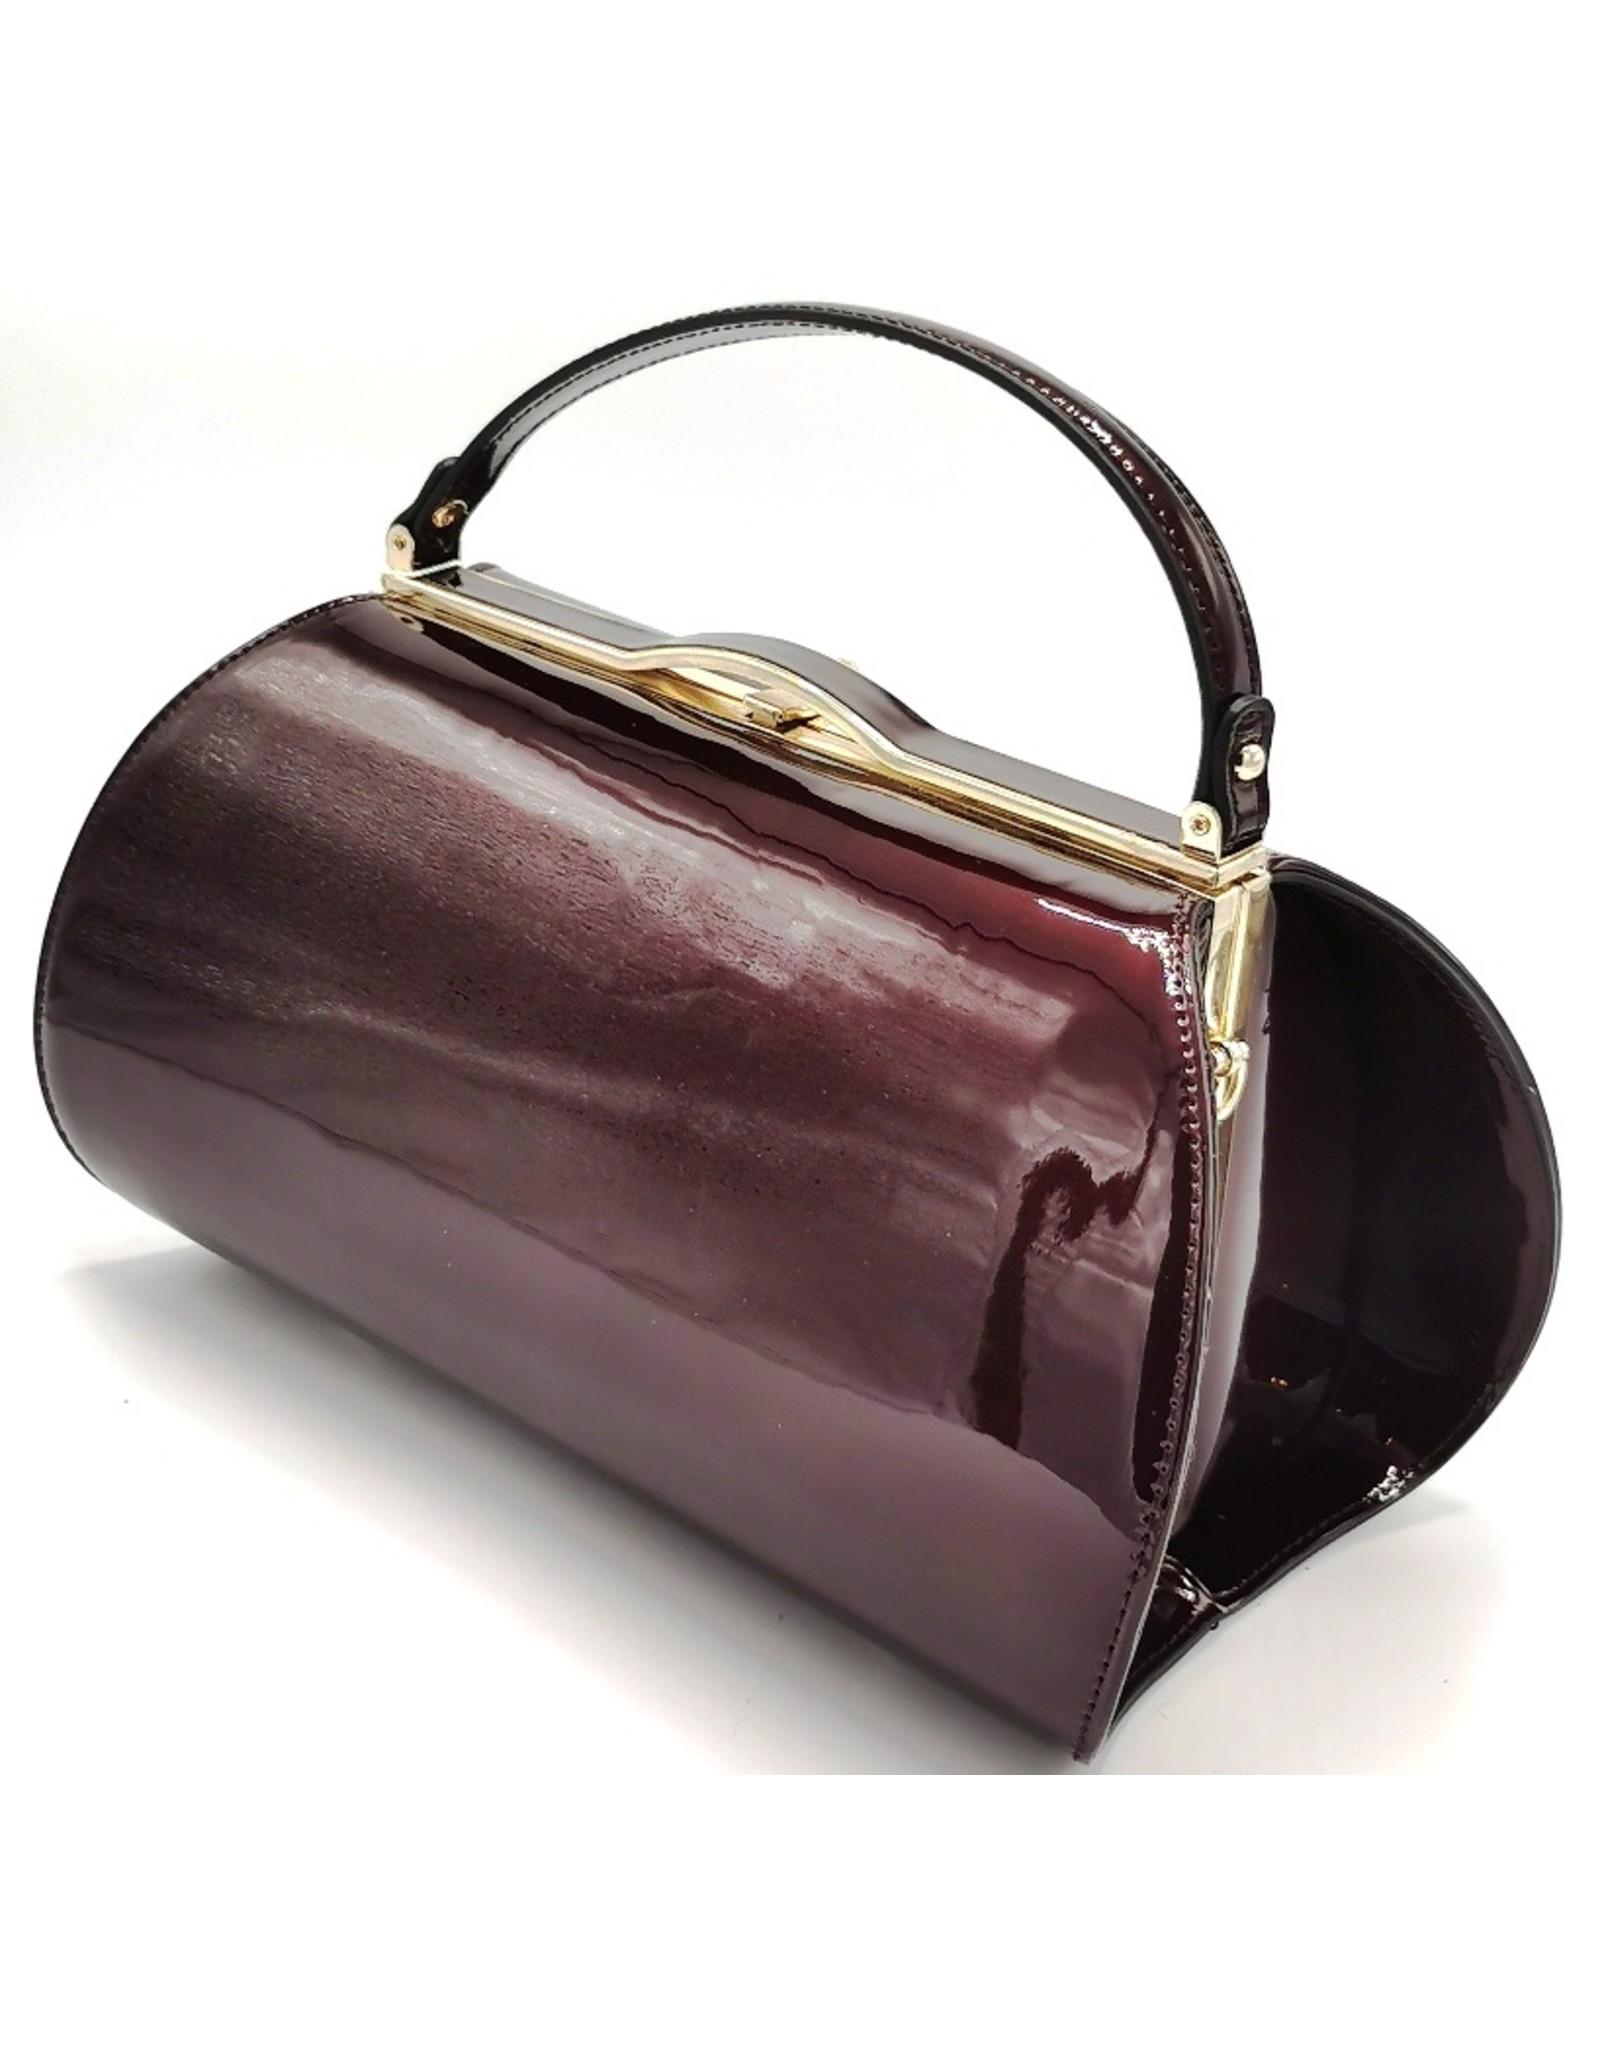 Lamsed Retro tassen Vintage tassen - Lak Handtas  Vintage Style - Wijnrood